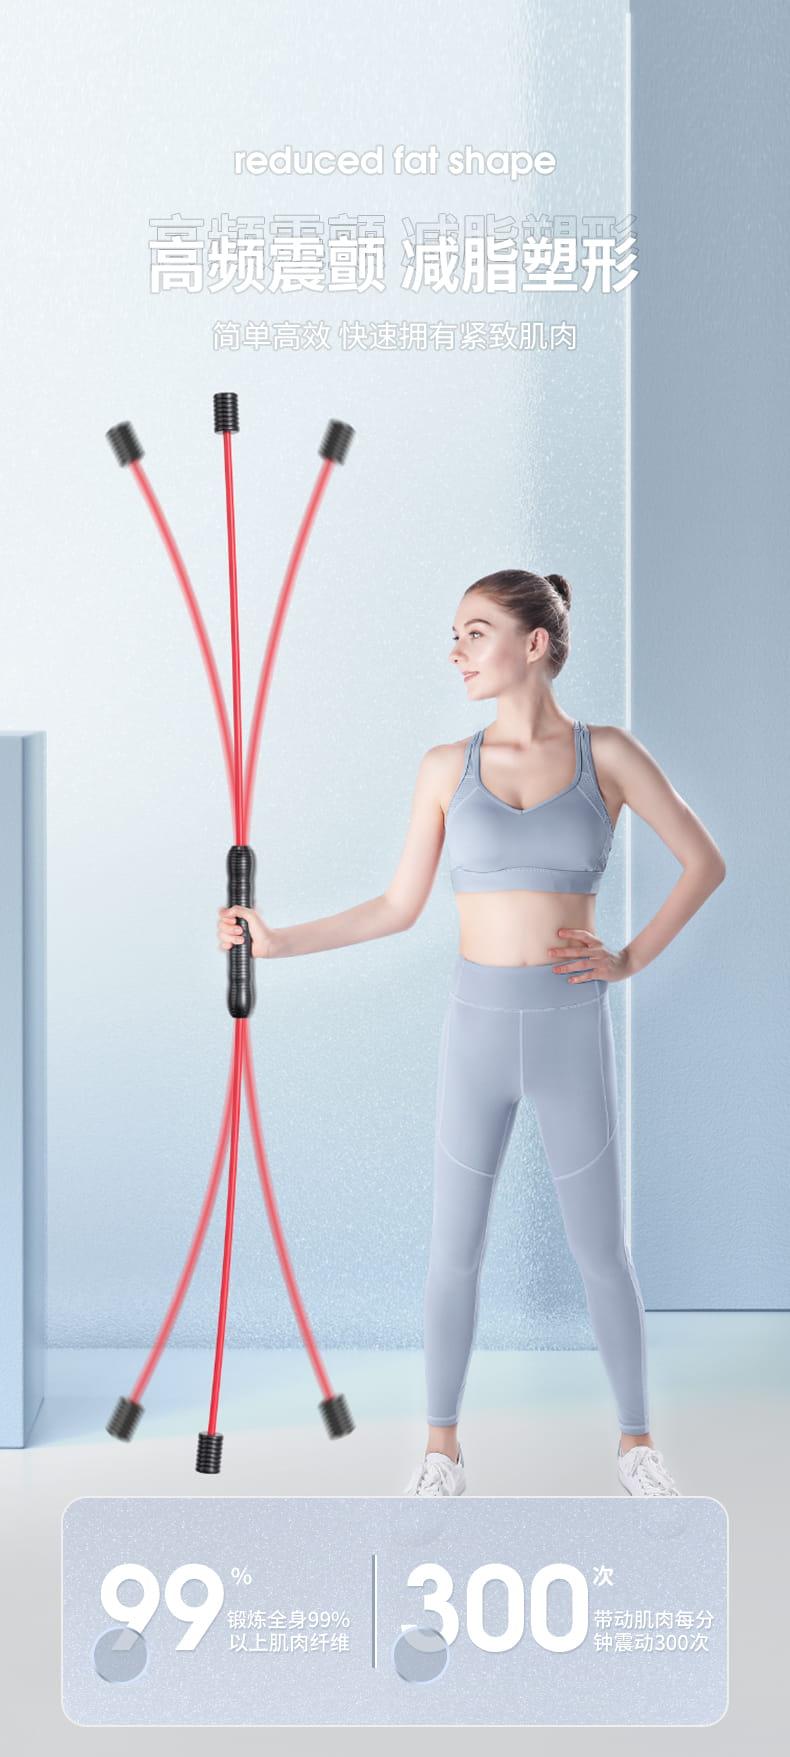 飛力仕棒 多功能健身訓練棒 飛力士健身器材 家用減肥 彈力震顫棒 抖音爆款 3